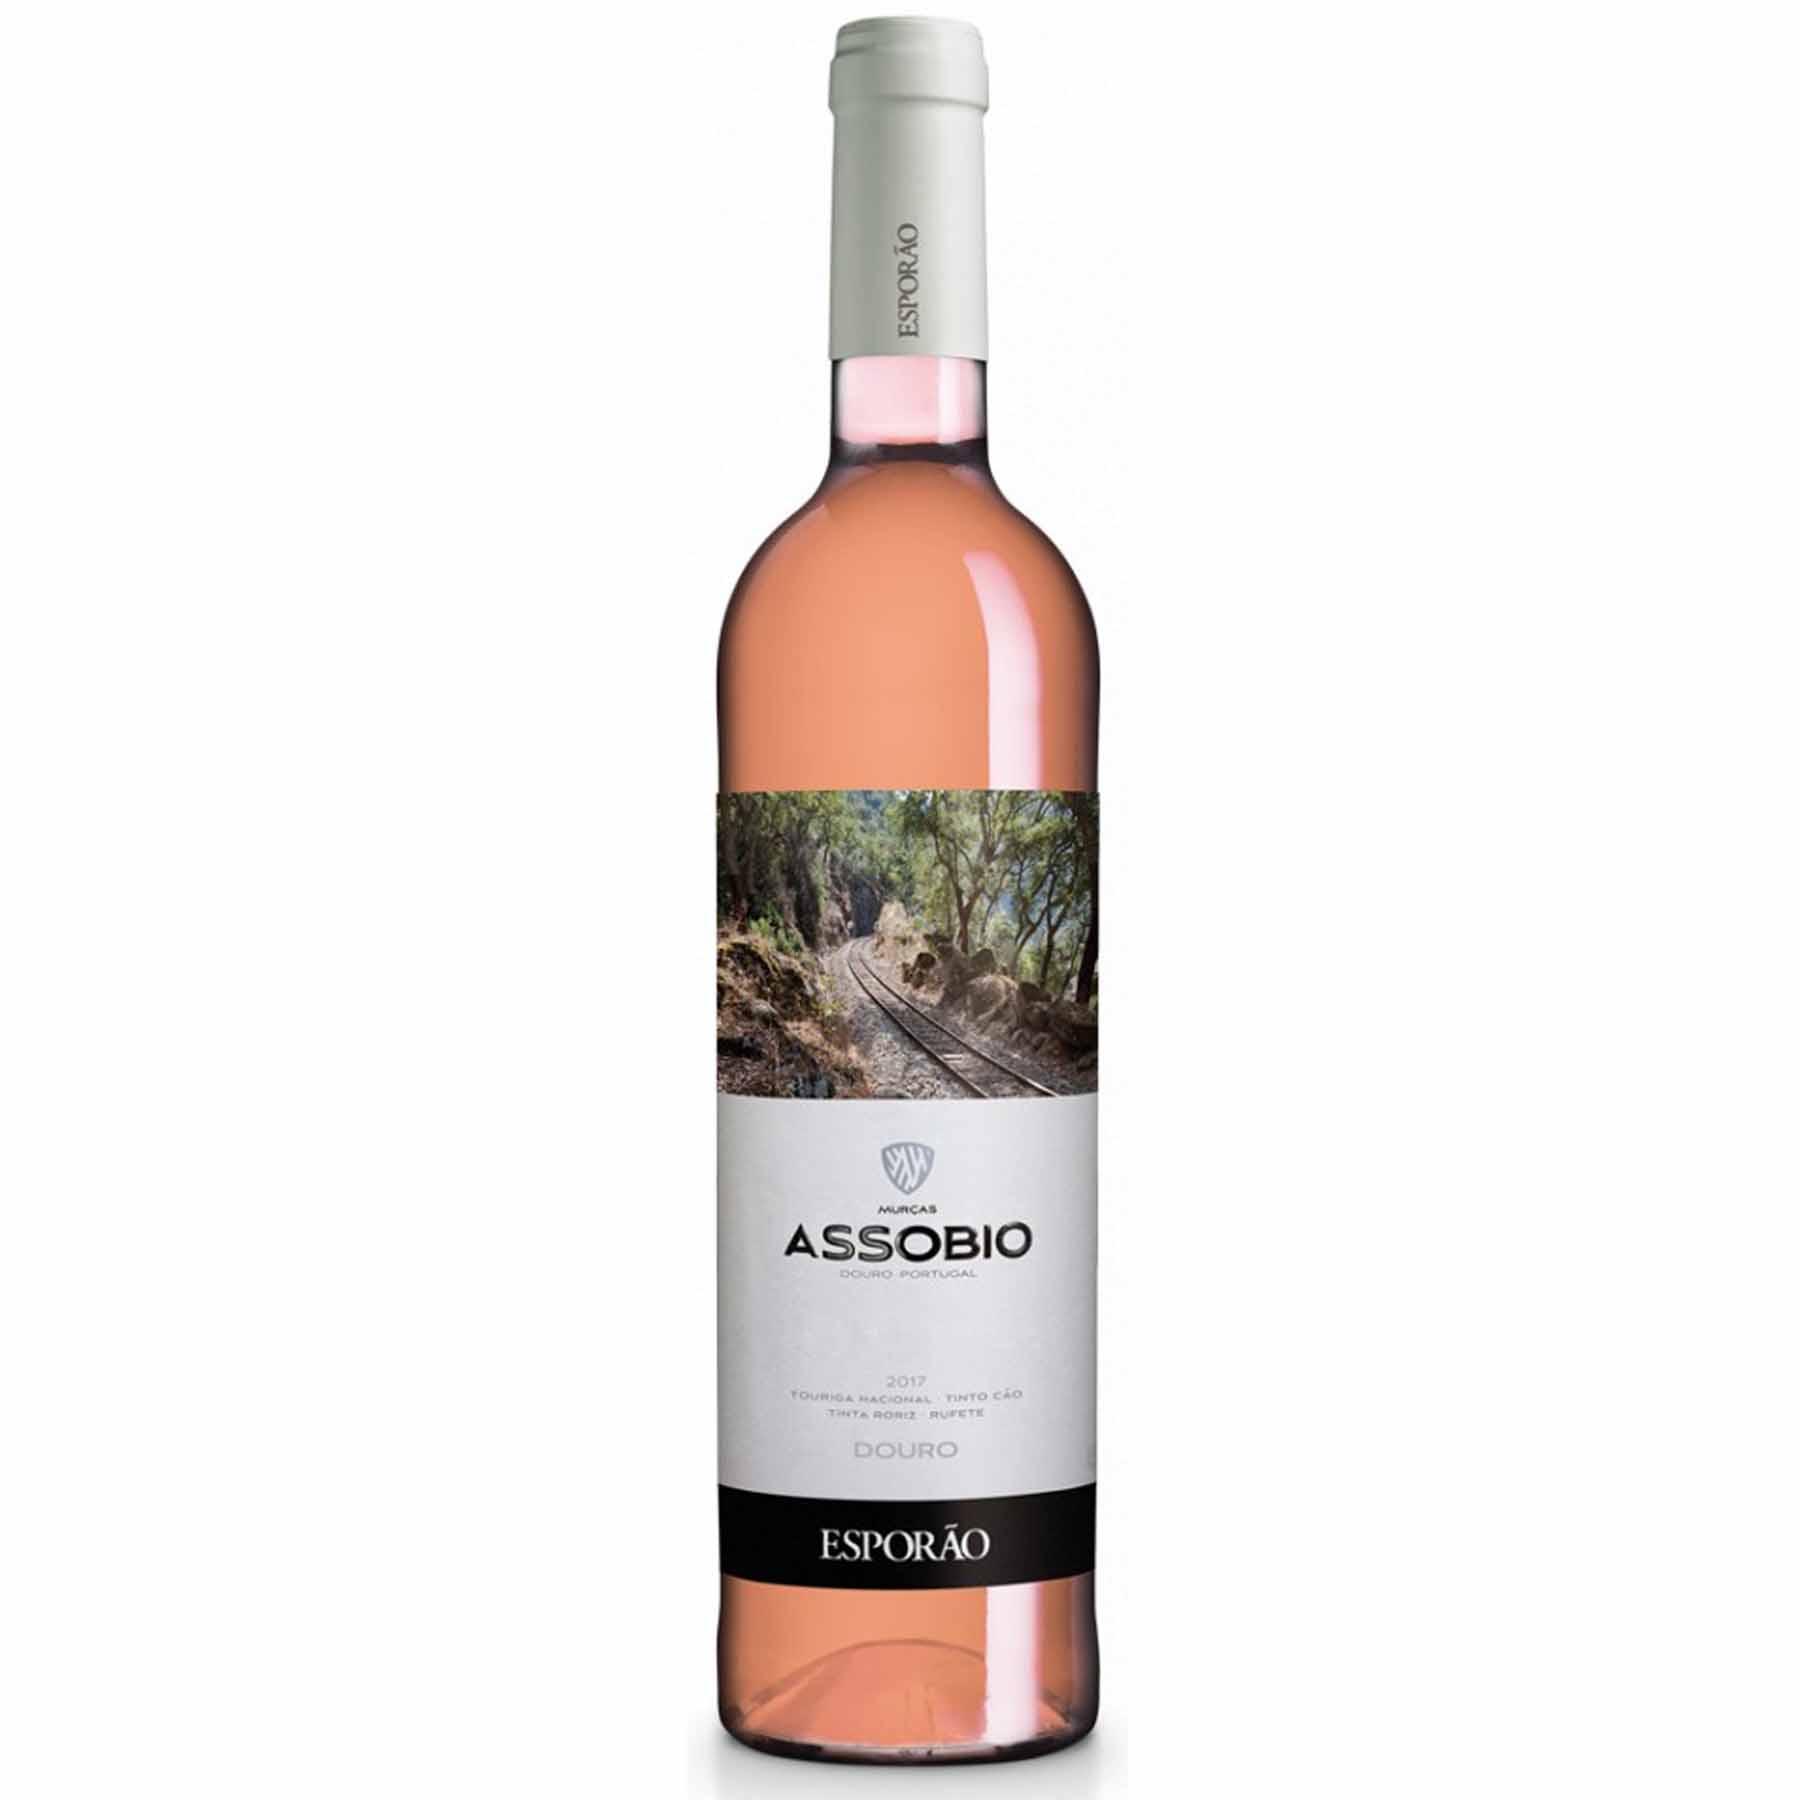 Vinho Português Rose Esporão Assobio Douro 750ml 2019